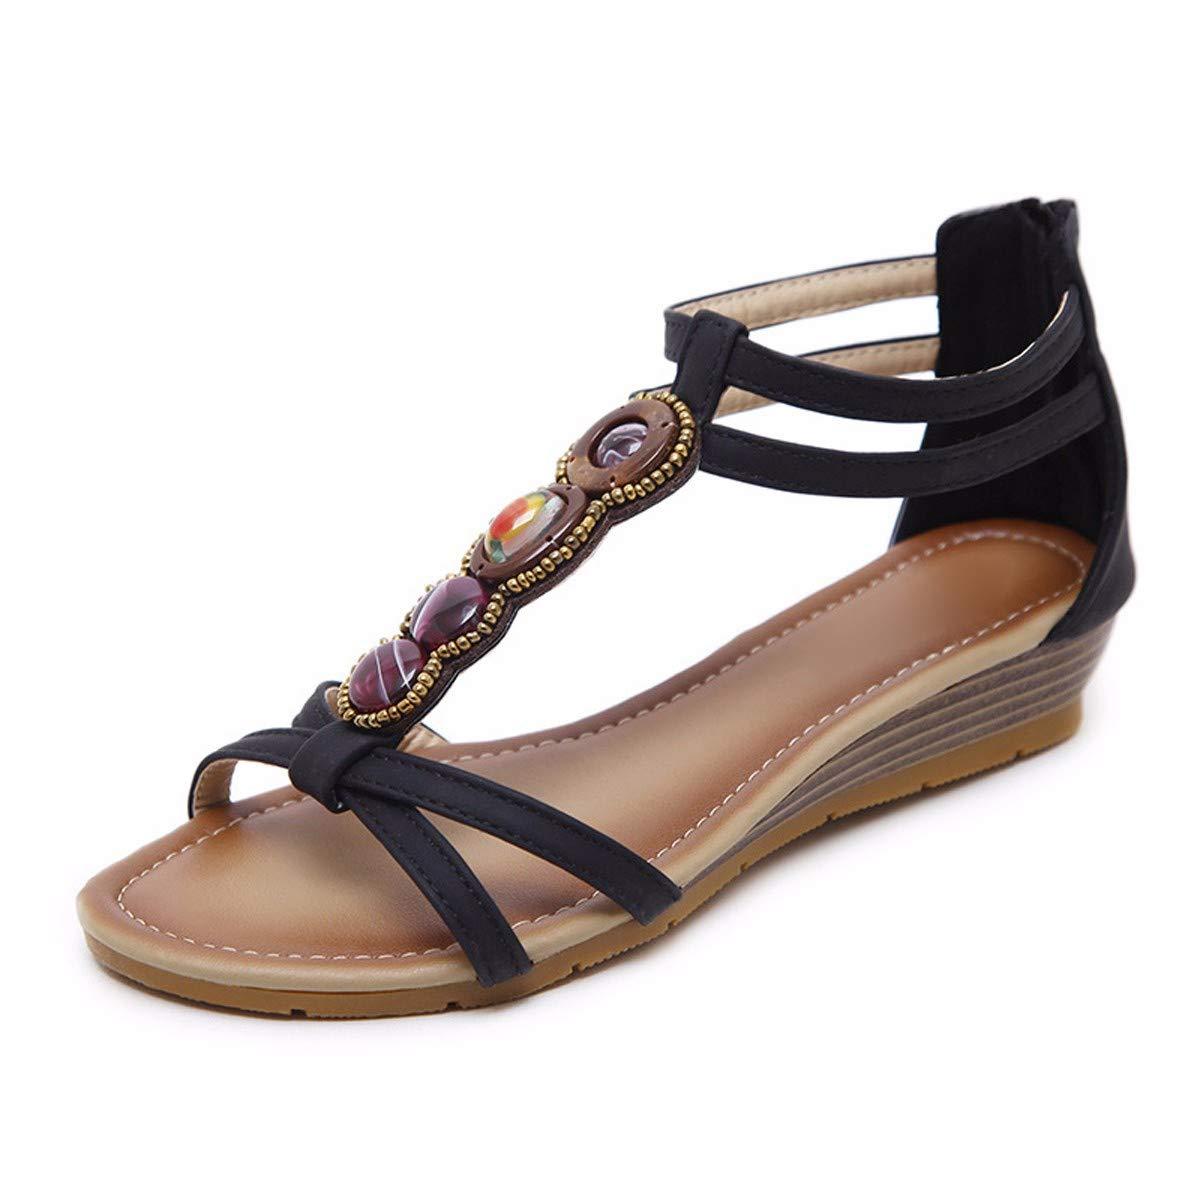 KPHY-Nationale Frauen - - - Sandalen Urlaub Retro - Piste Mode - Sandalen Und Kleider.35 Schwarz - 2df44d